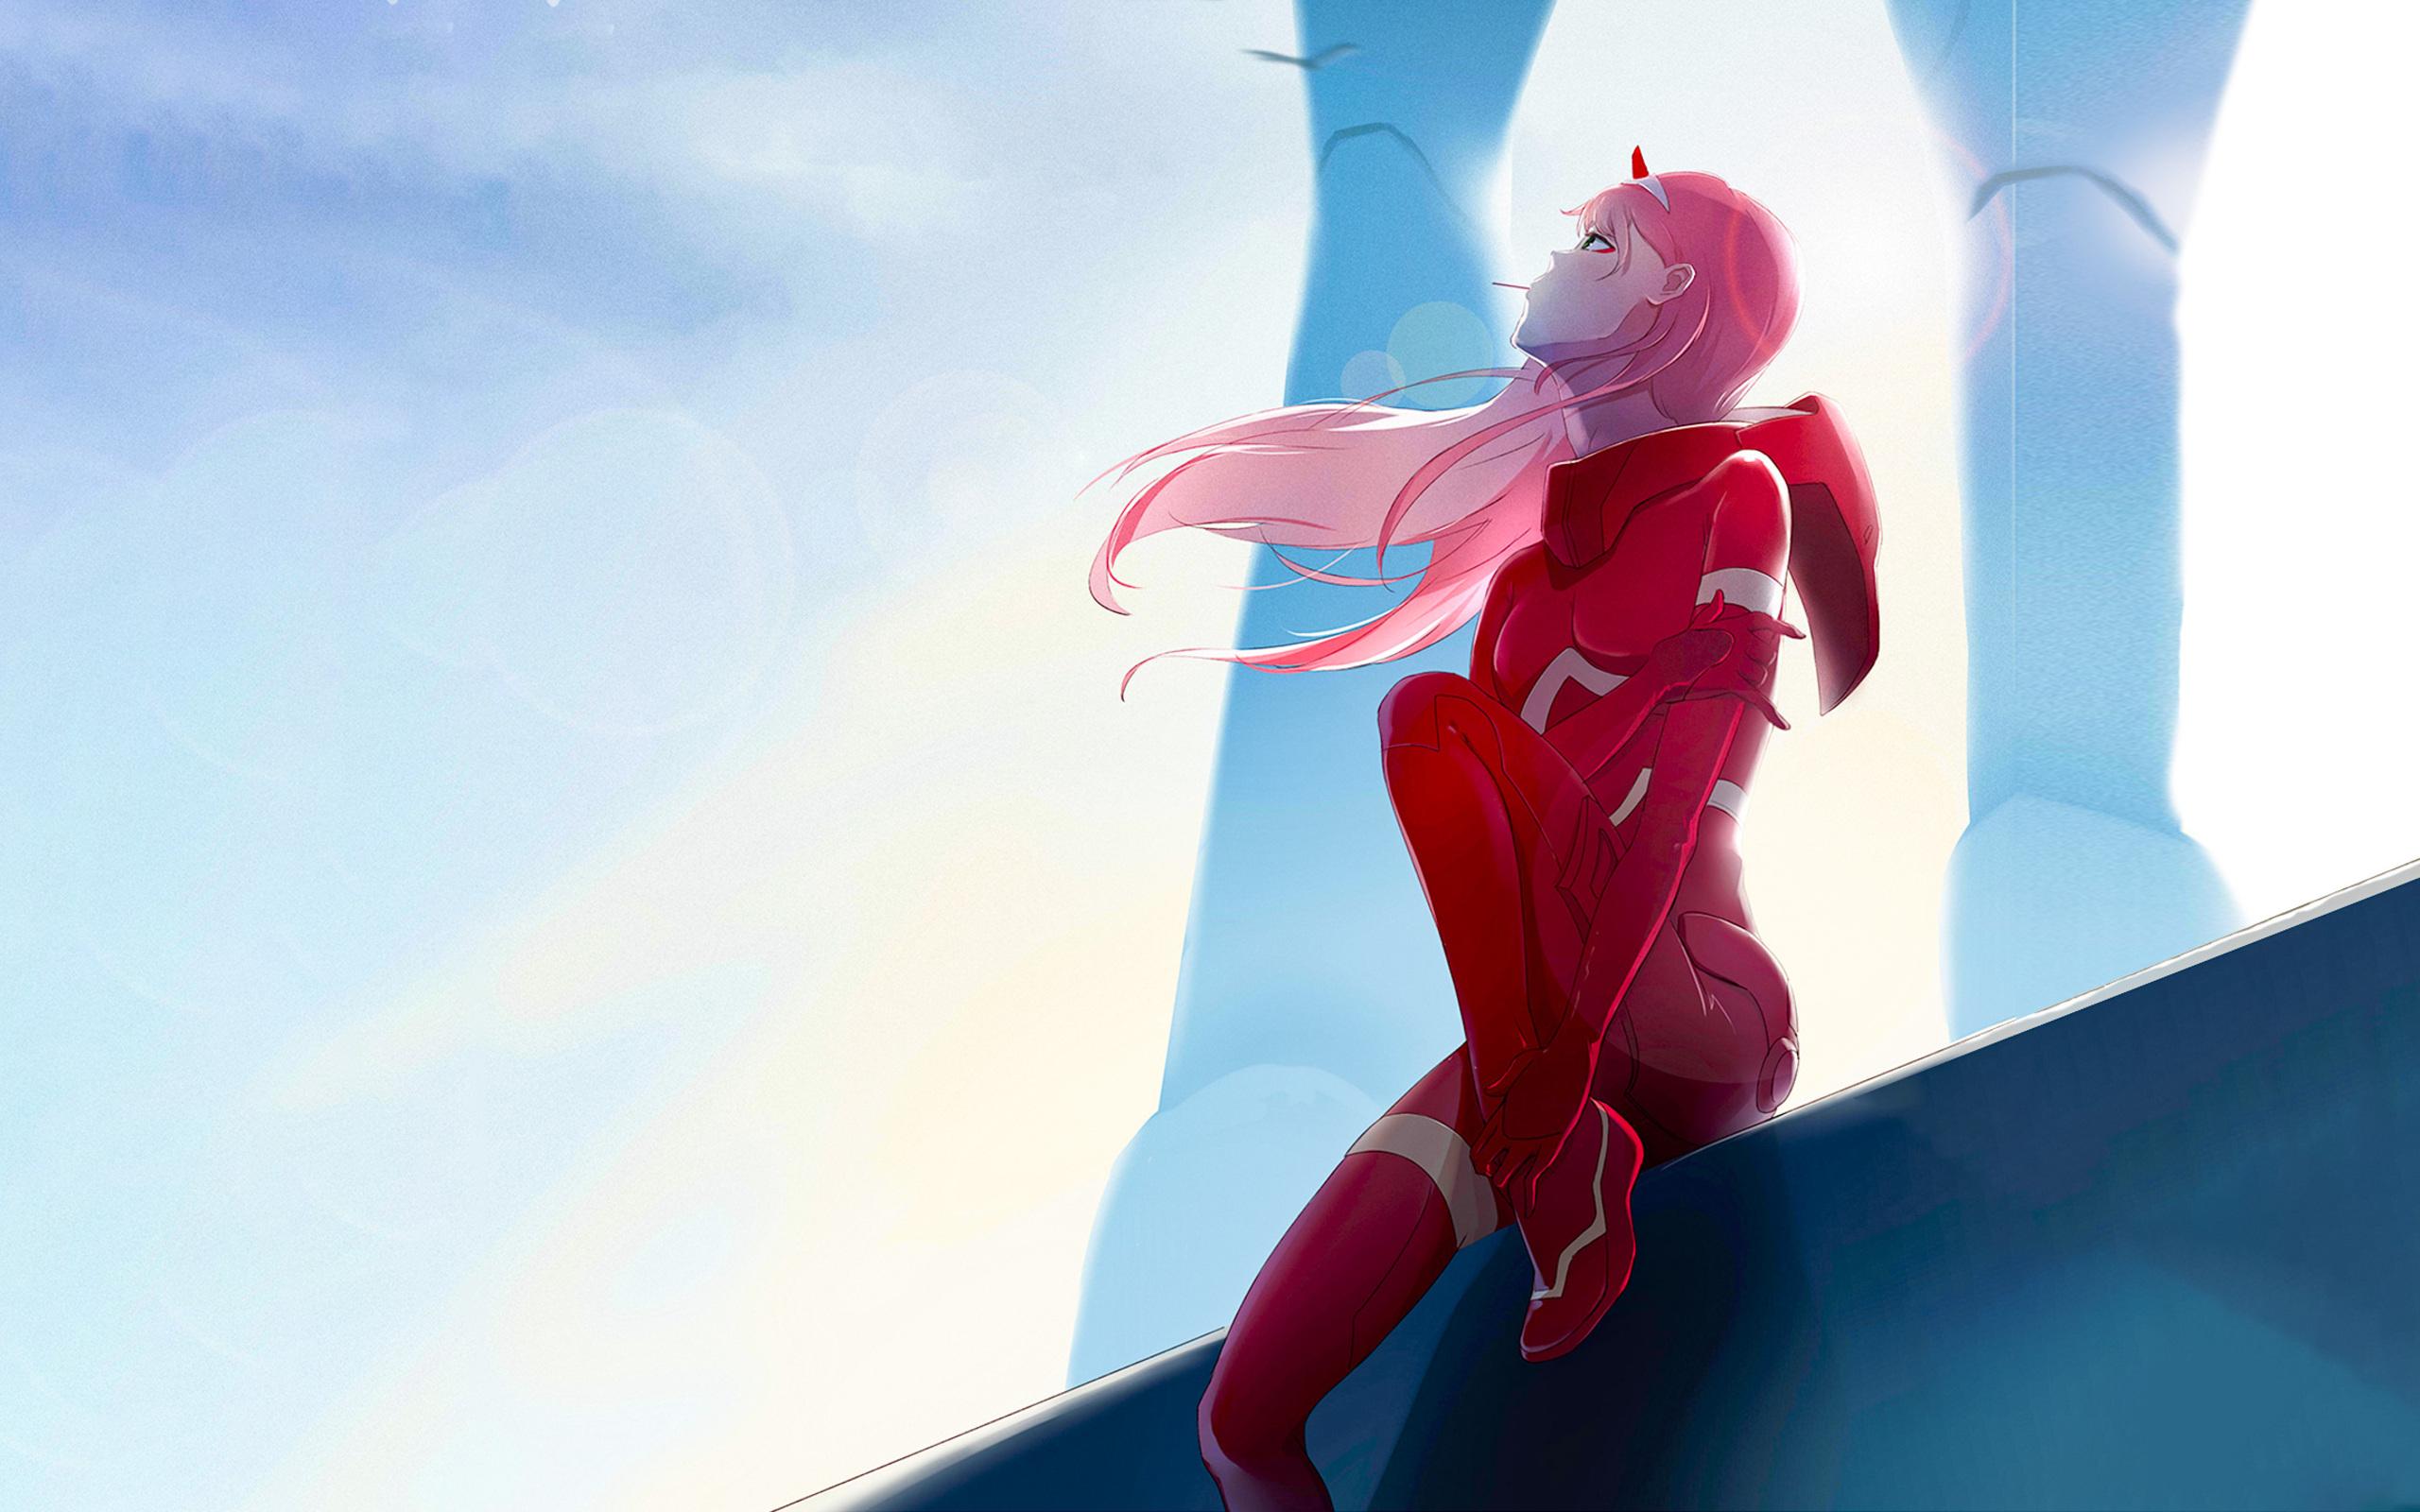 2560x1600 Zero Two Darling In The Franxx Anime 2560x1600